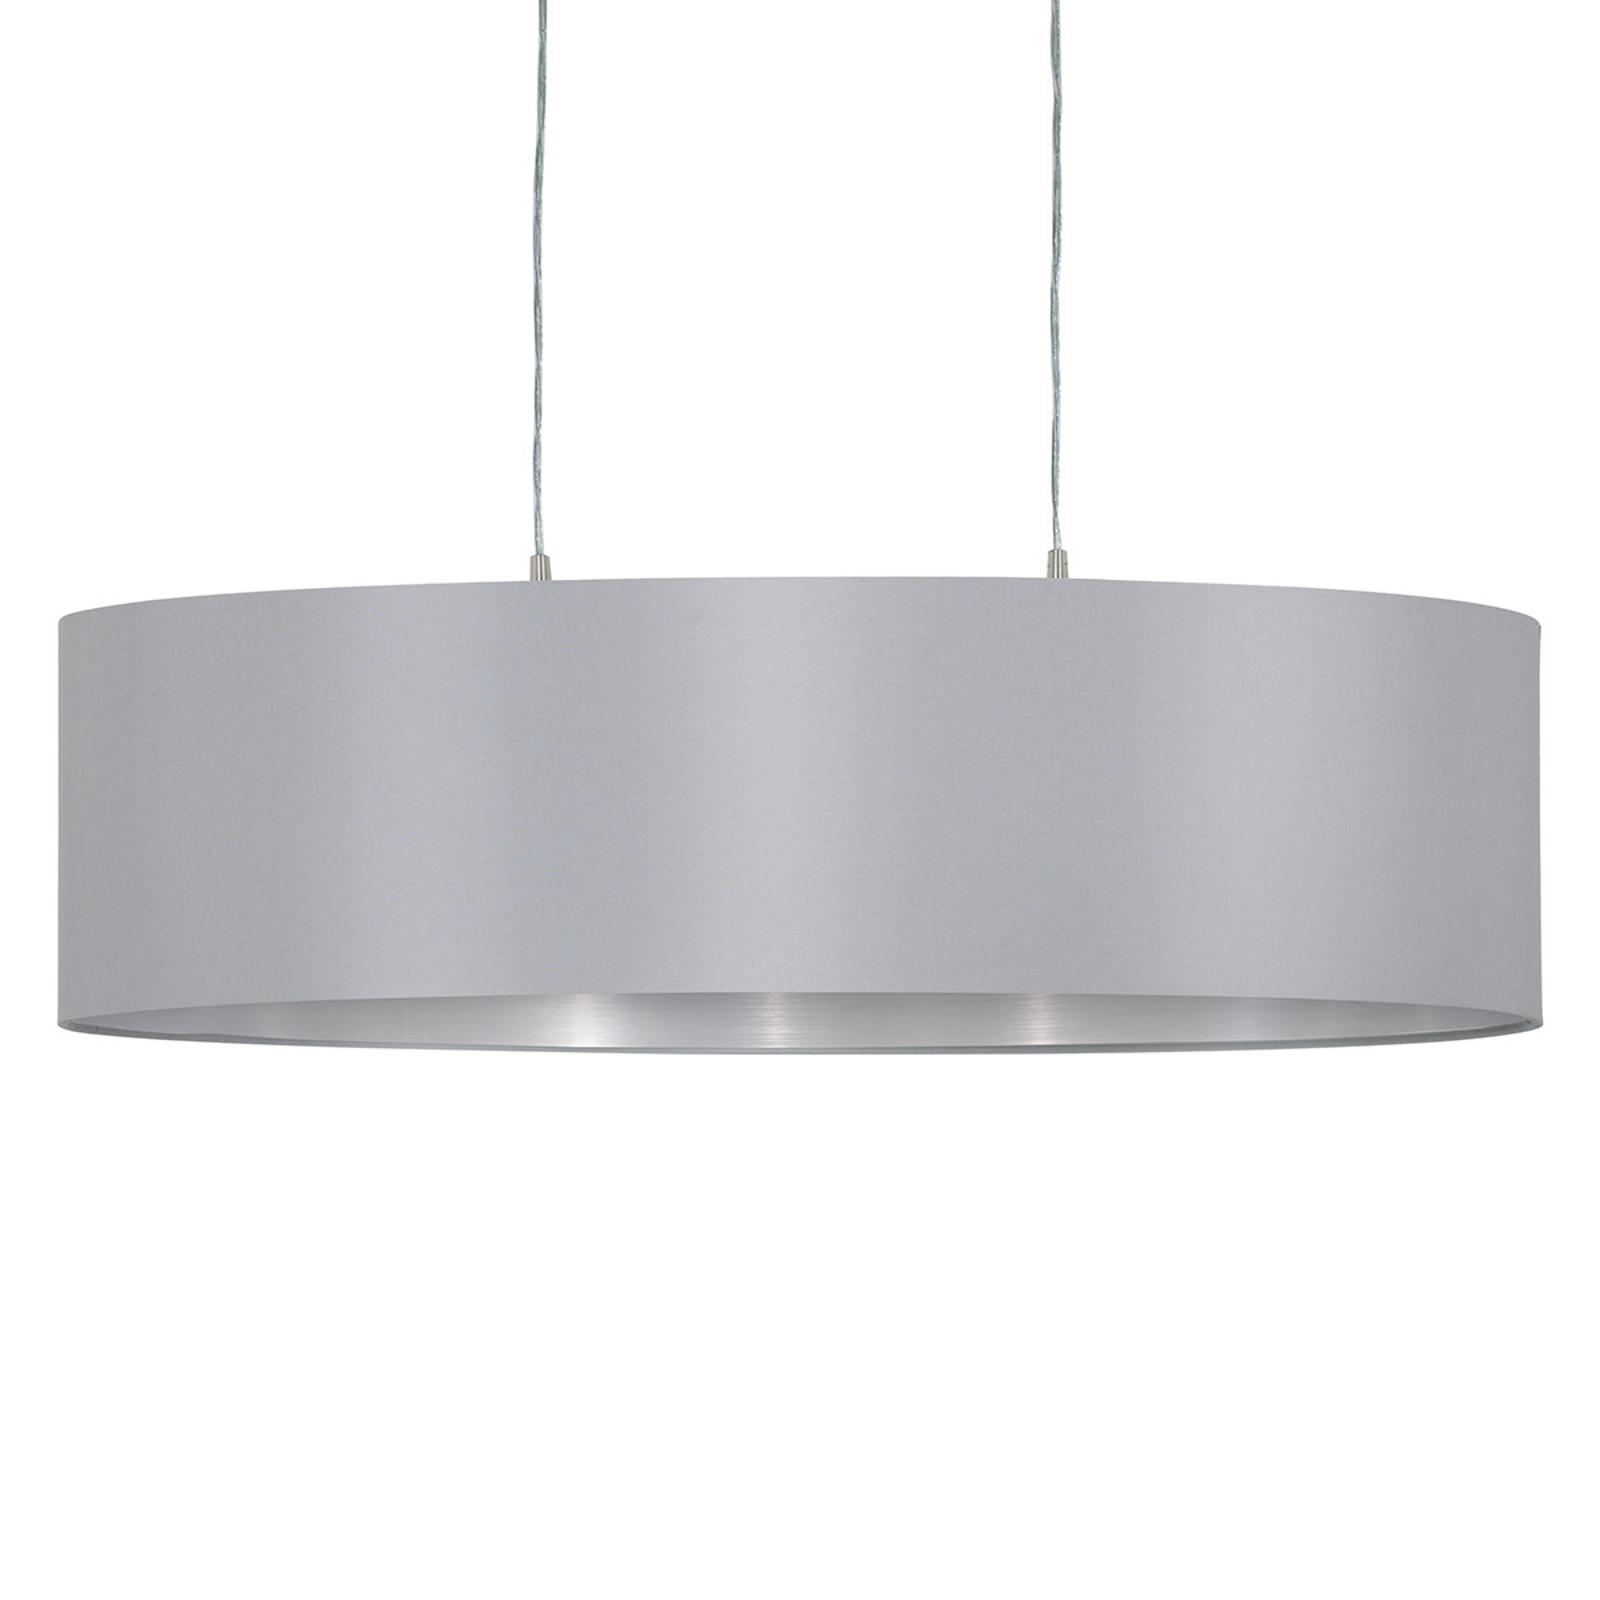 Hanglamp Maserlo ovaal, grijs-zilver